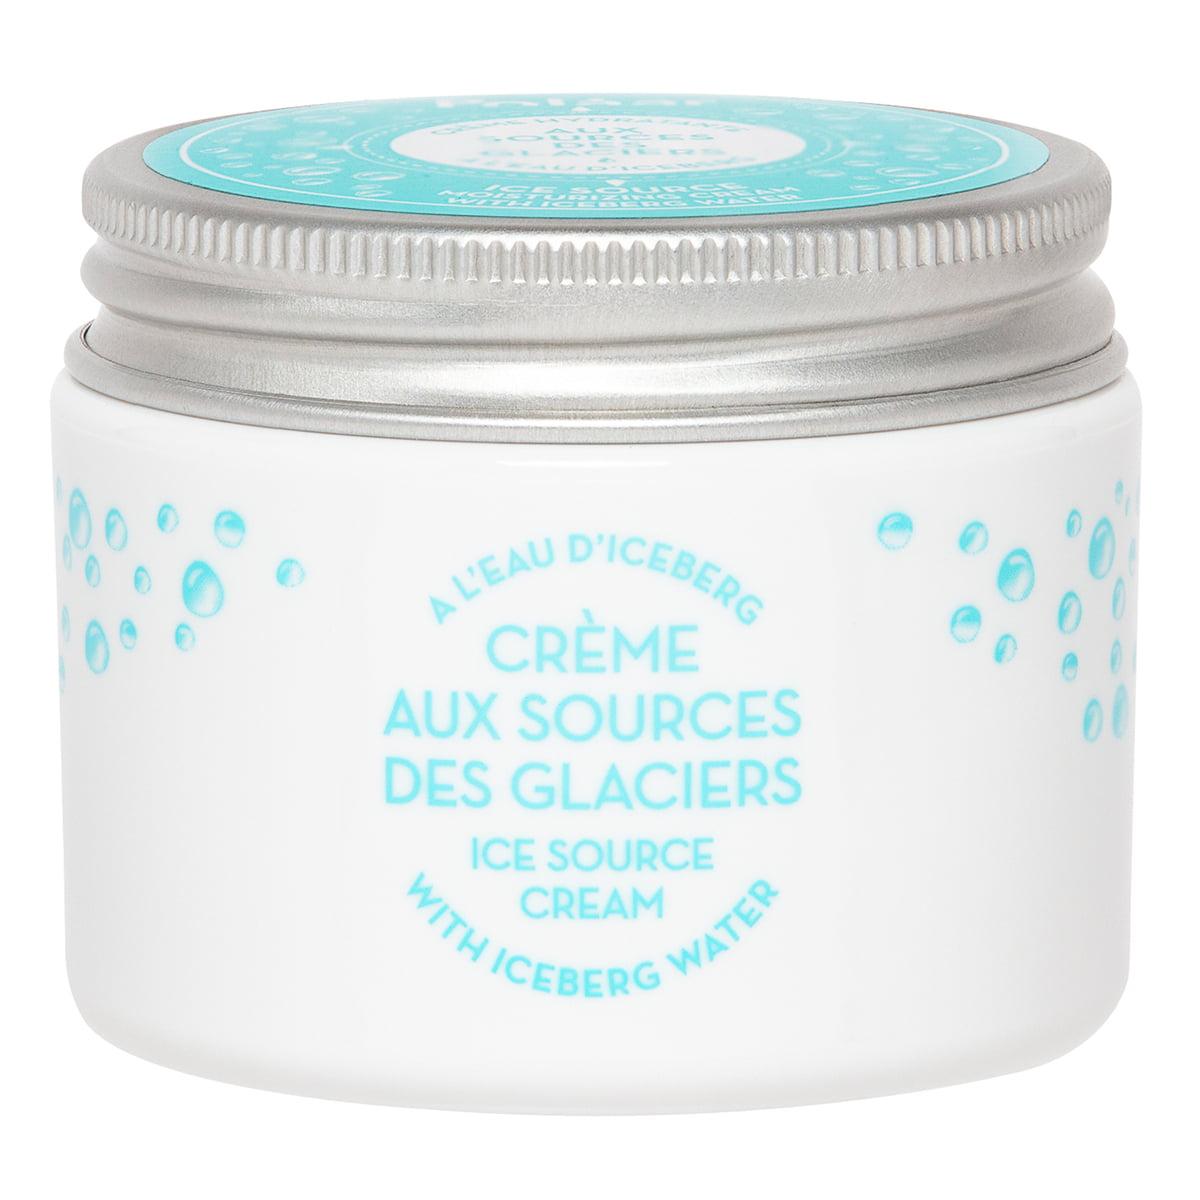 Polaar - Aux Sources des Glaciers - Crème hydratante